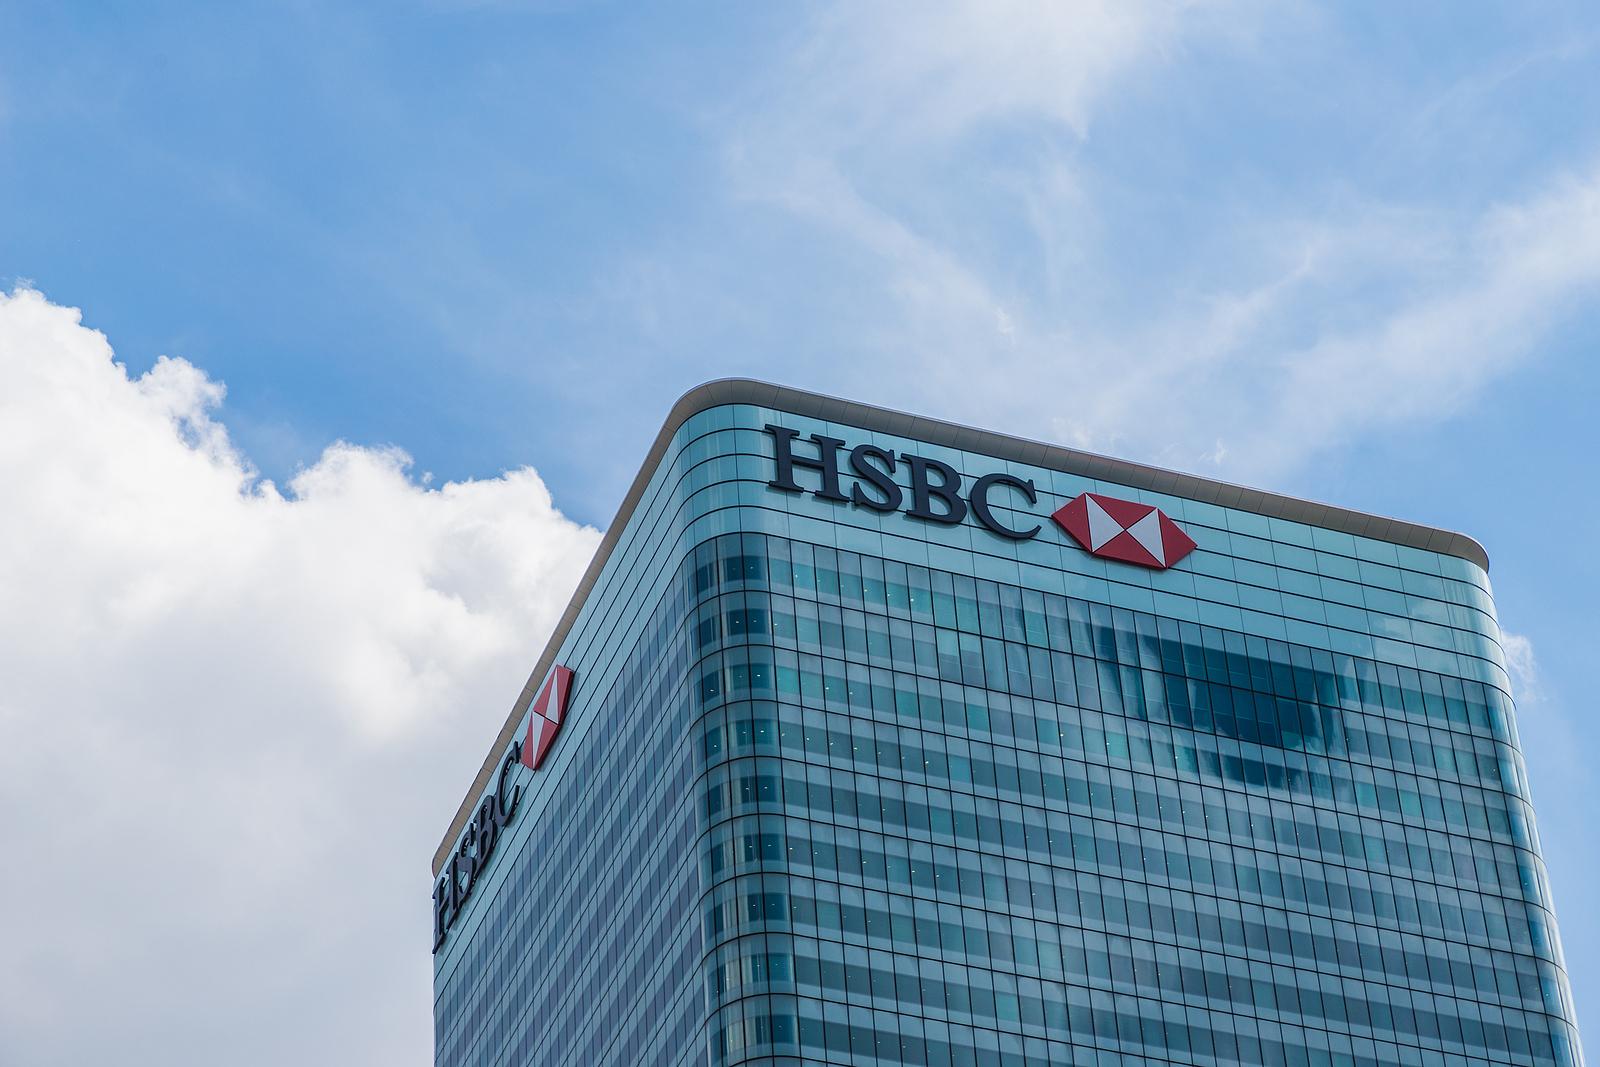 HSBC Holdings HSBC stock news and analysis